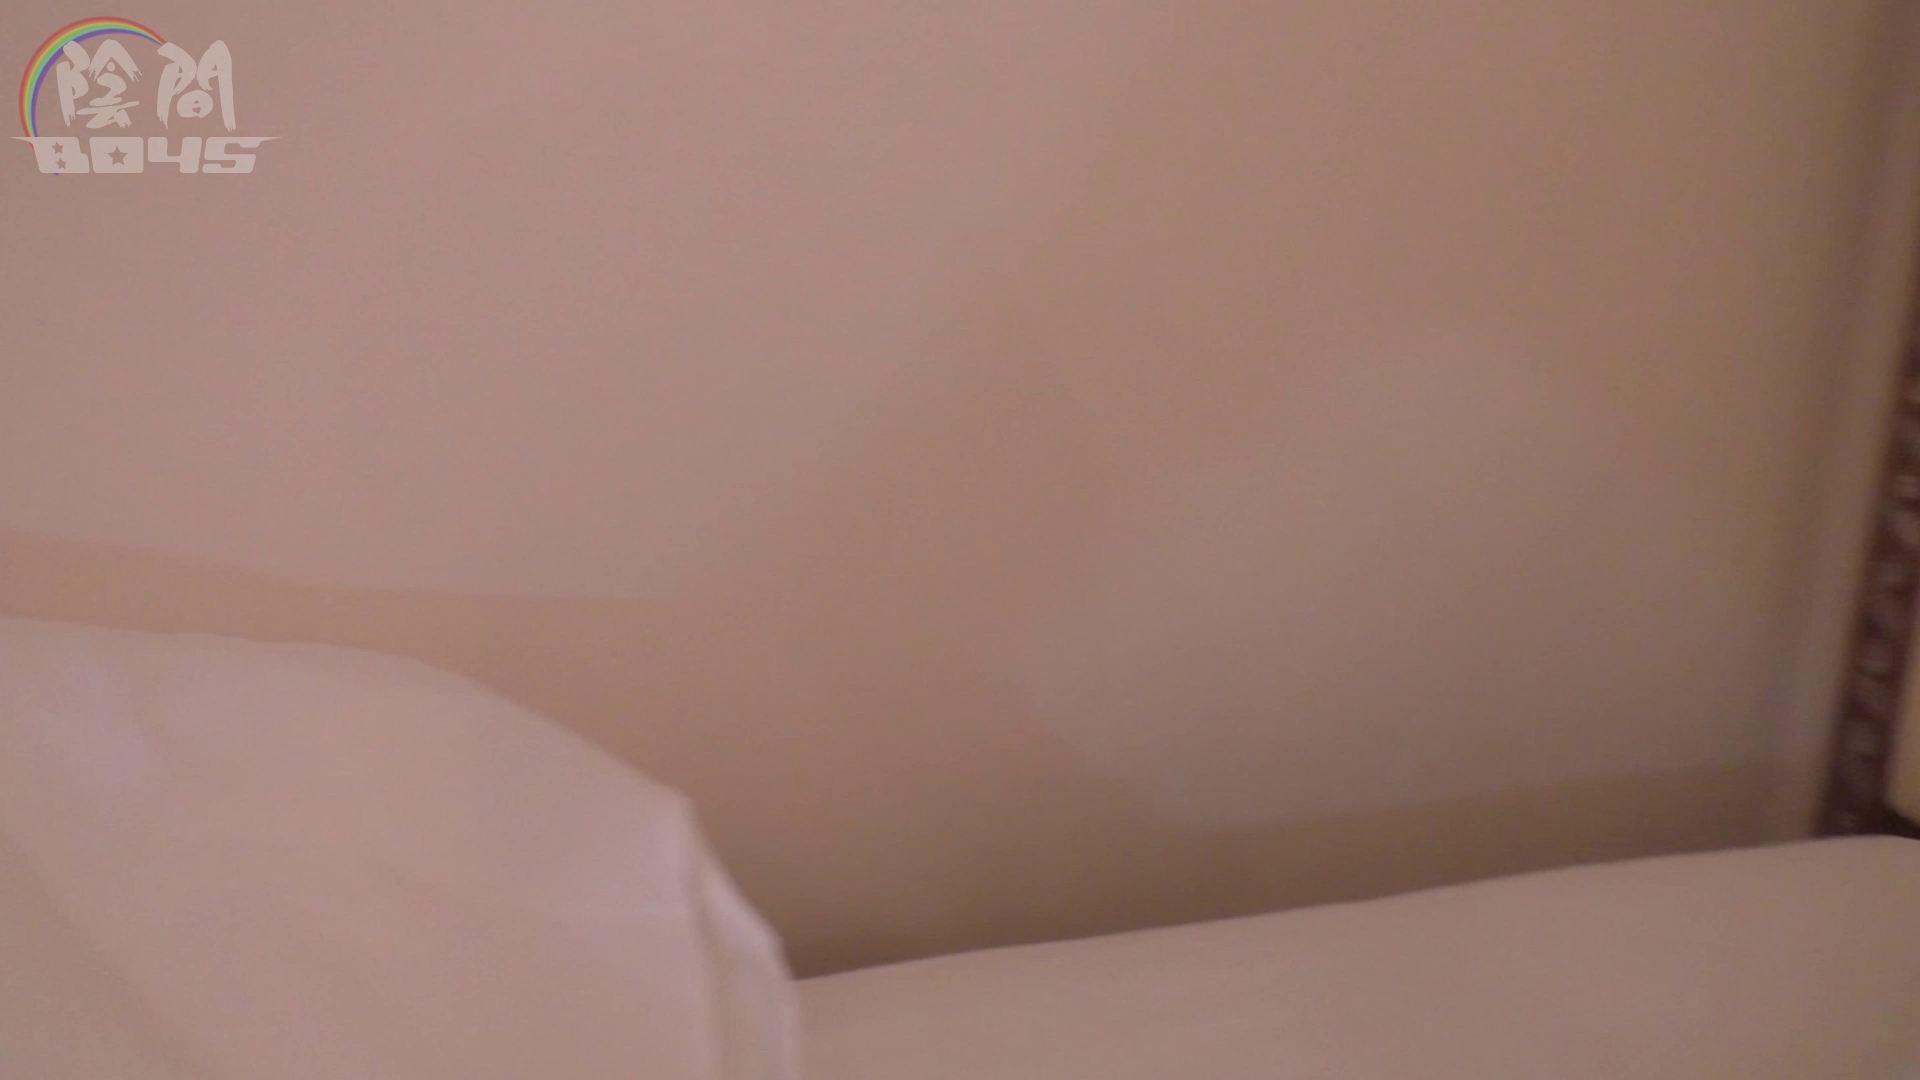 """【期間限定配信】キャバクラの仕事は""""アナル""""から2 Vol.03 モザ無し ゲイエロ画像 105枚 32"""